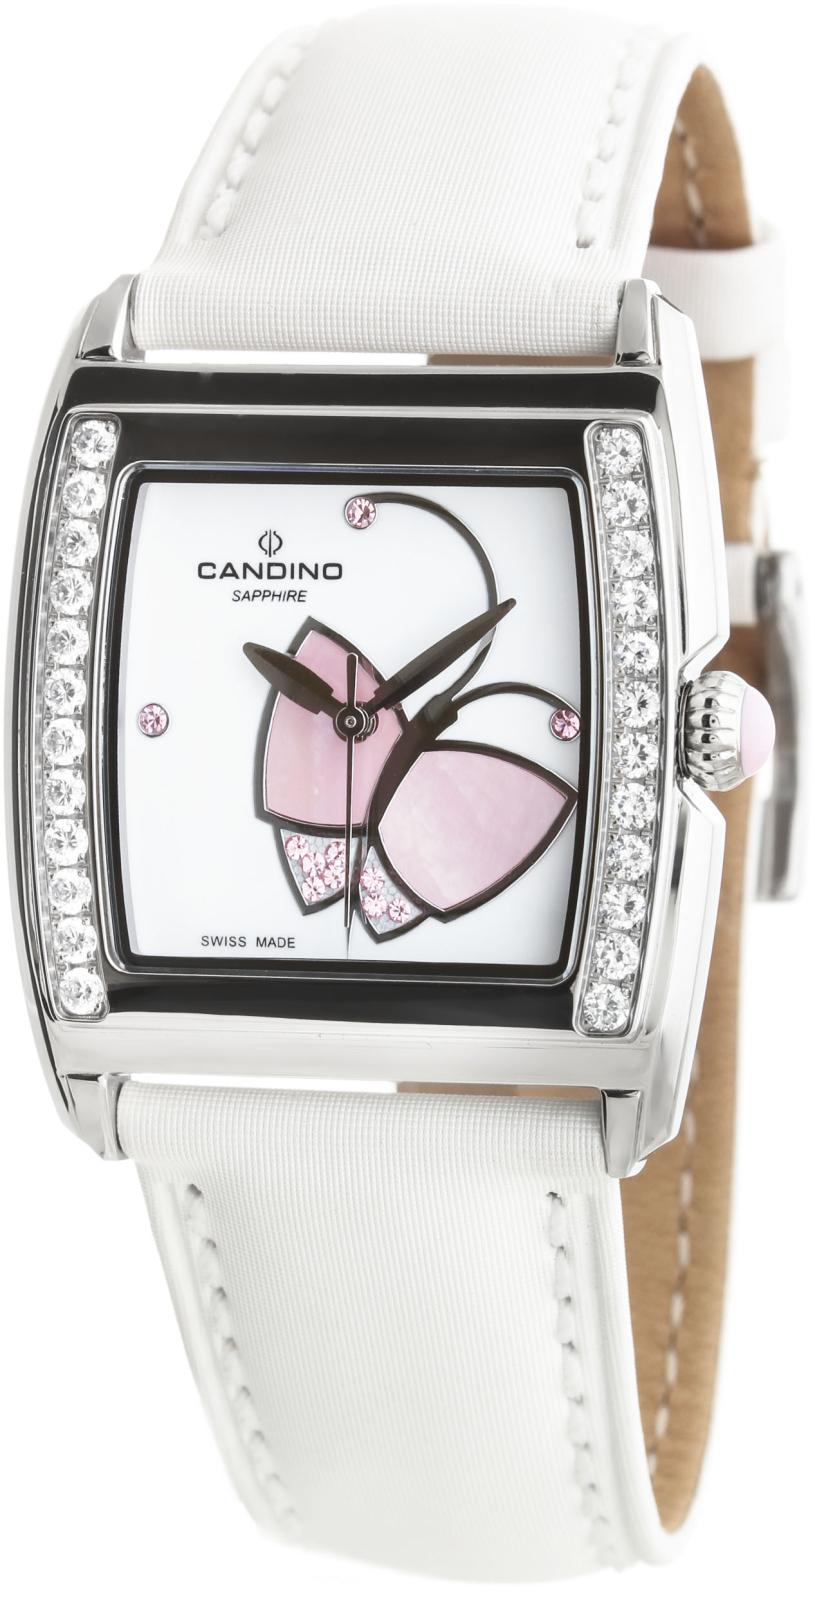 Candino Elegance C4469/2Наручные часы<br>Швейцарские часы Candino Elegance C4469/2Часы принадежат коллекции Elegance. Это великолепные женские часы. Материал корпуса часов — сталь. Стекло - сапфировое. Часы выдерживают давление на глубине 50 м. Цвет циферблата - белый. Циферблат часов содержит часы, минуты, секунды. Часы обладают корпусом 32x32мм.<br><br>Пол: Женские<br>Страна-производитель: Швейцария<br>Механизм: Кварцевый<br>Материал корпуса: Сталь<br>Материал ремня/браслета: Текстиль<br>Водозащита, диапазон: 20 - 100 м<br>Стекло: Сапфировое<br>Толщина корпуса: None<br>Стиль: Классика